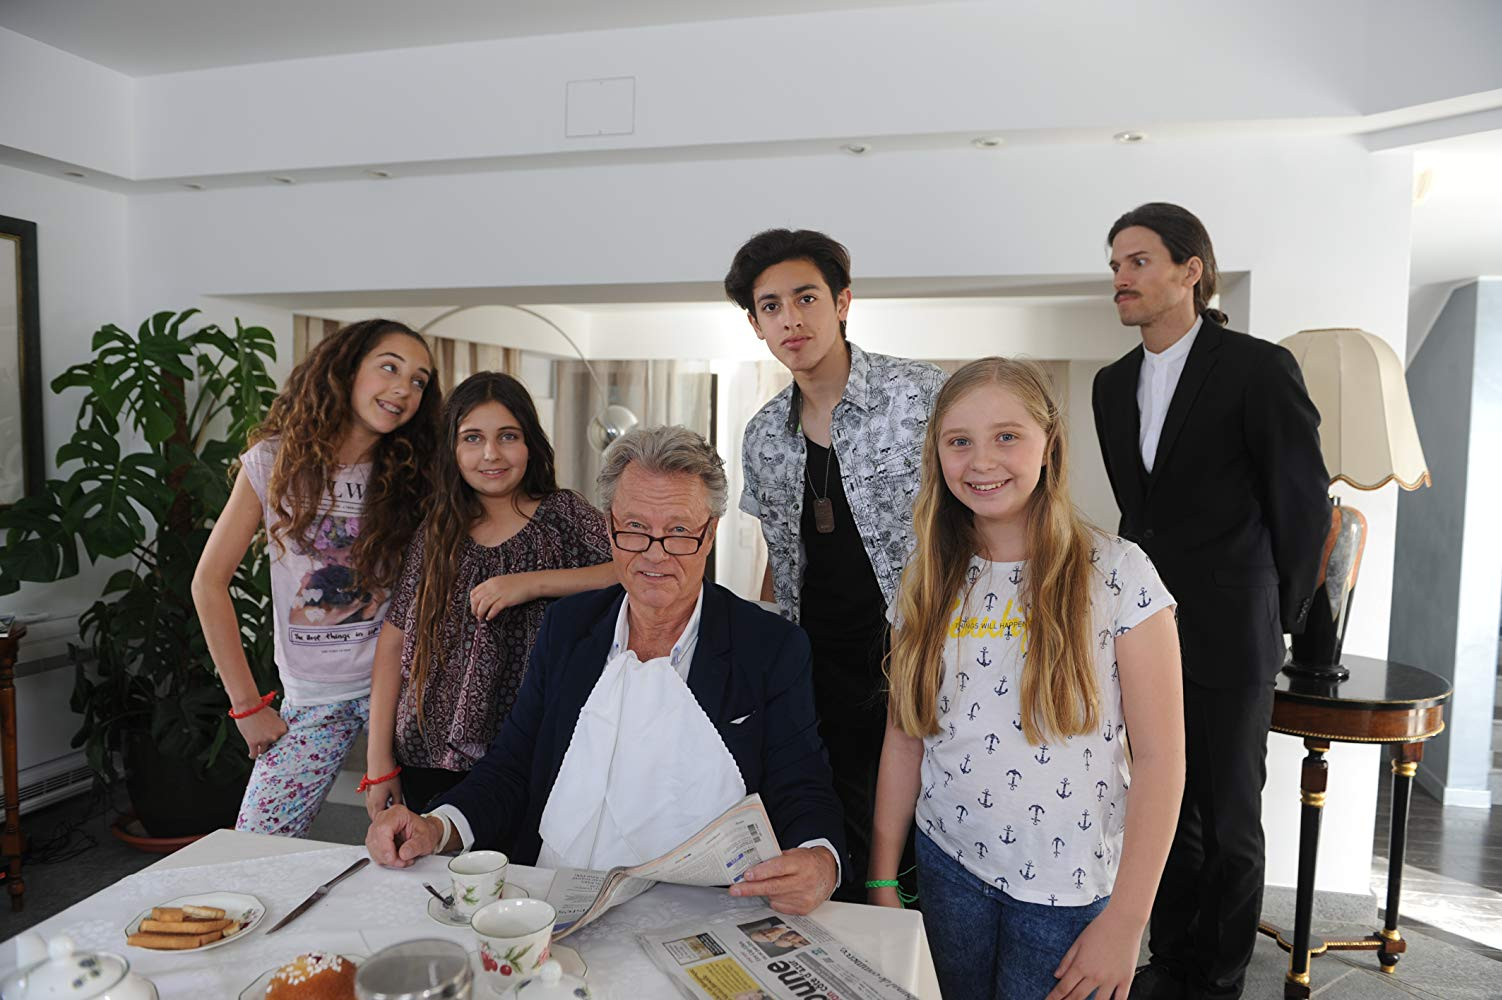 6 Children & 1 Grandfather